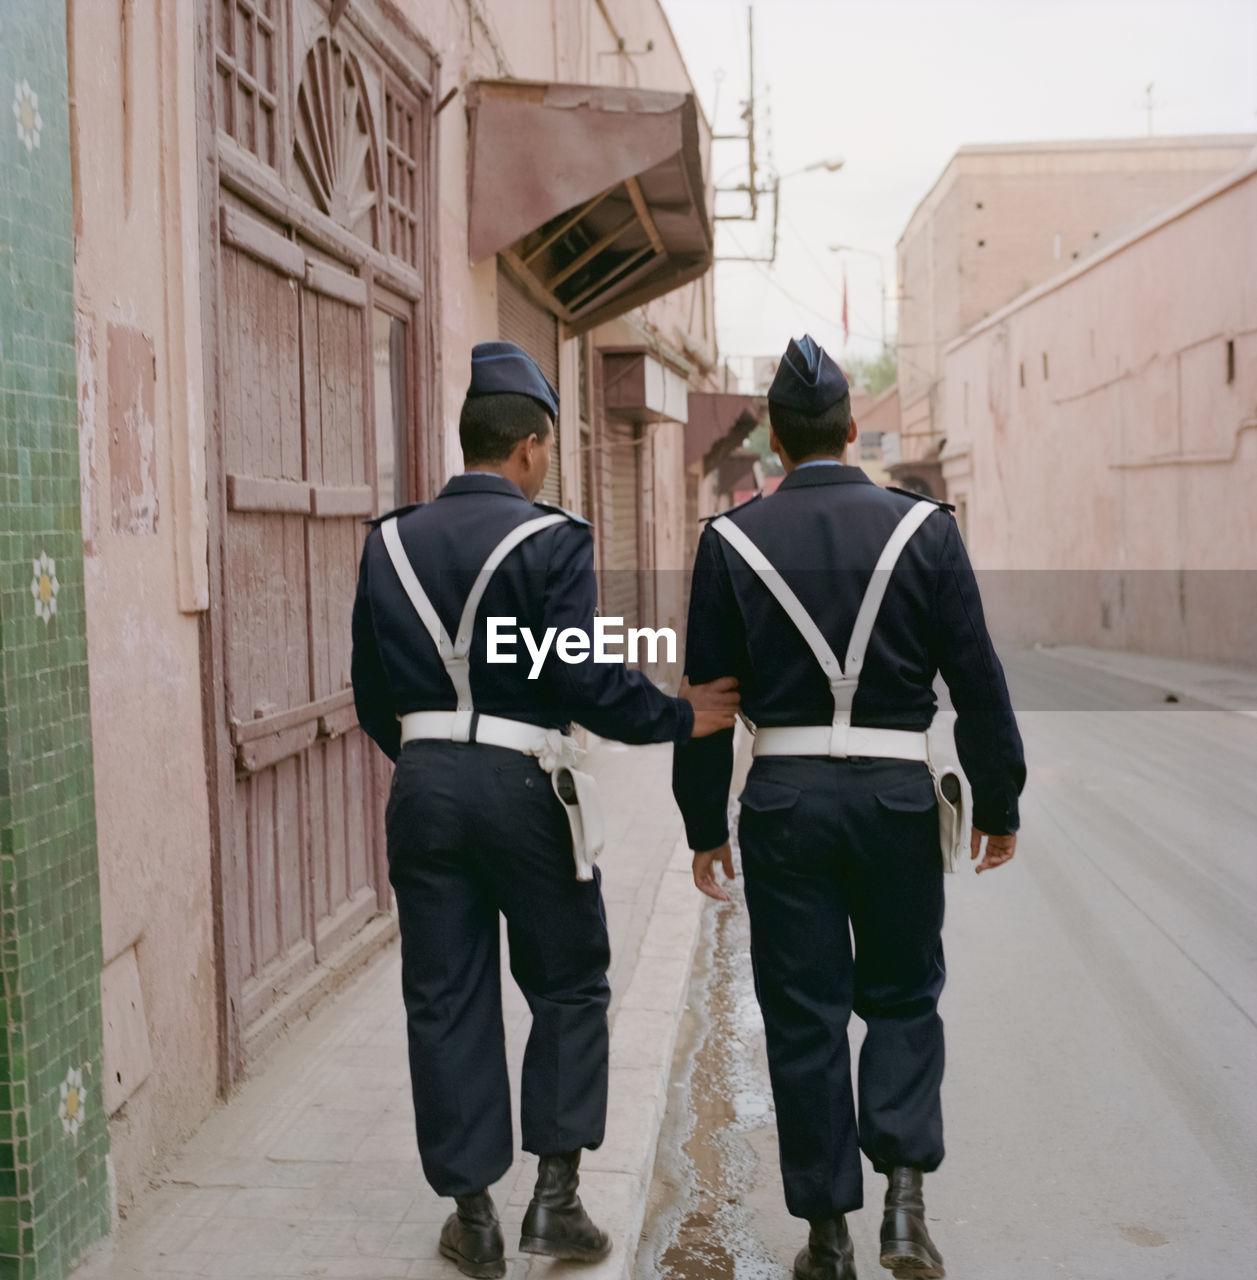 REAR VIEW OF MEN WALKING ON COBBLESTONE STREET